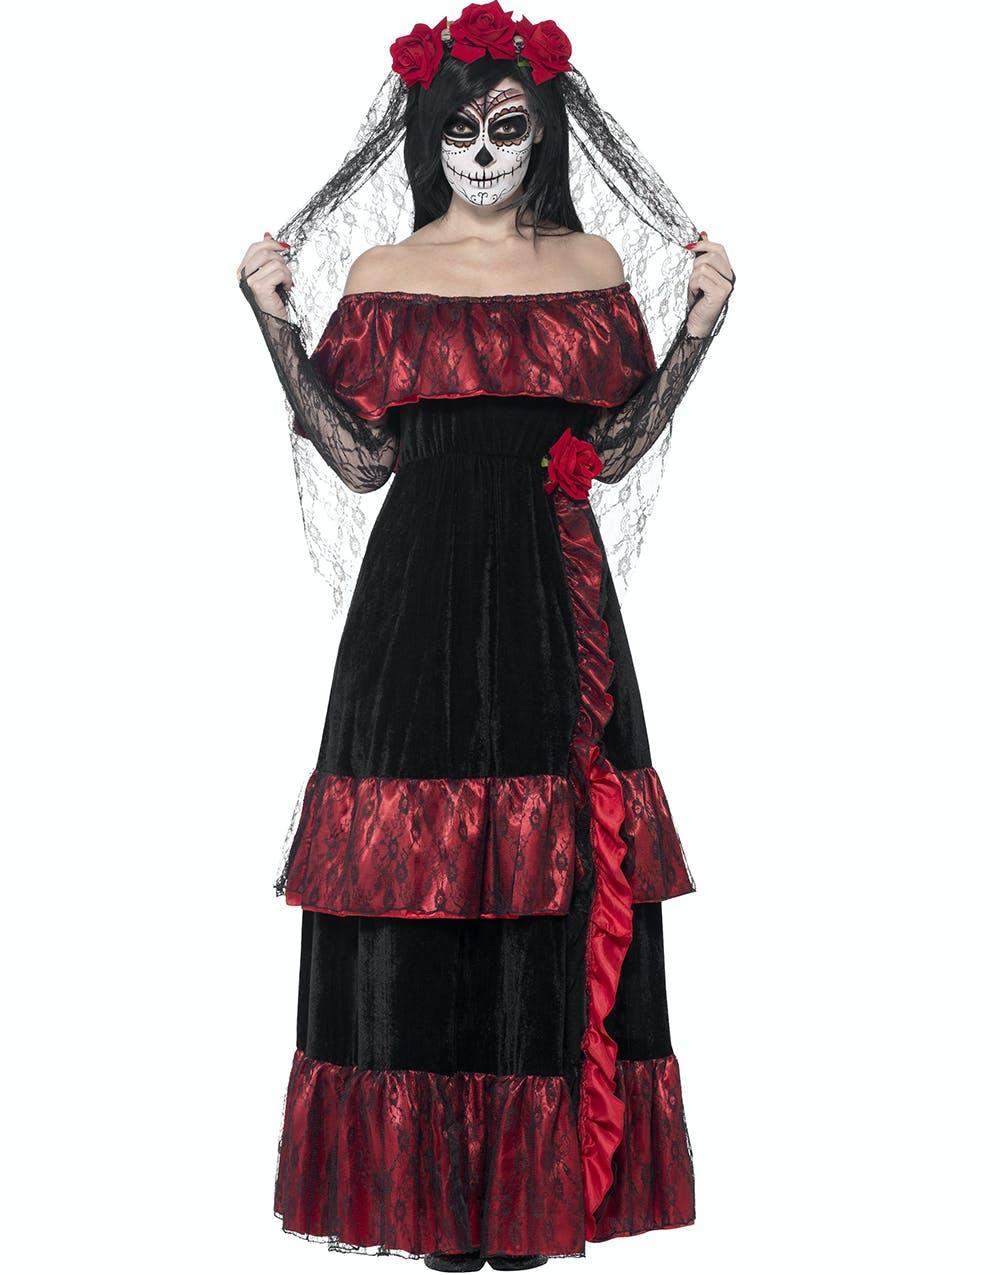 Day of the Dead Senorita - Damdräkt med Huvudpynt - Maskeradkläder ... 46d47cf81dce5